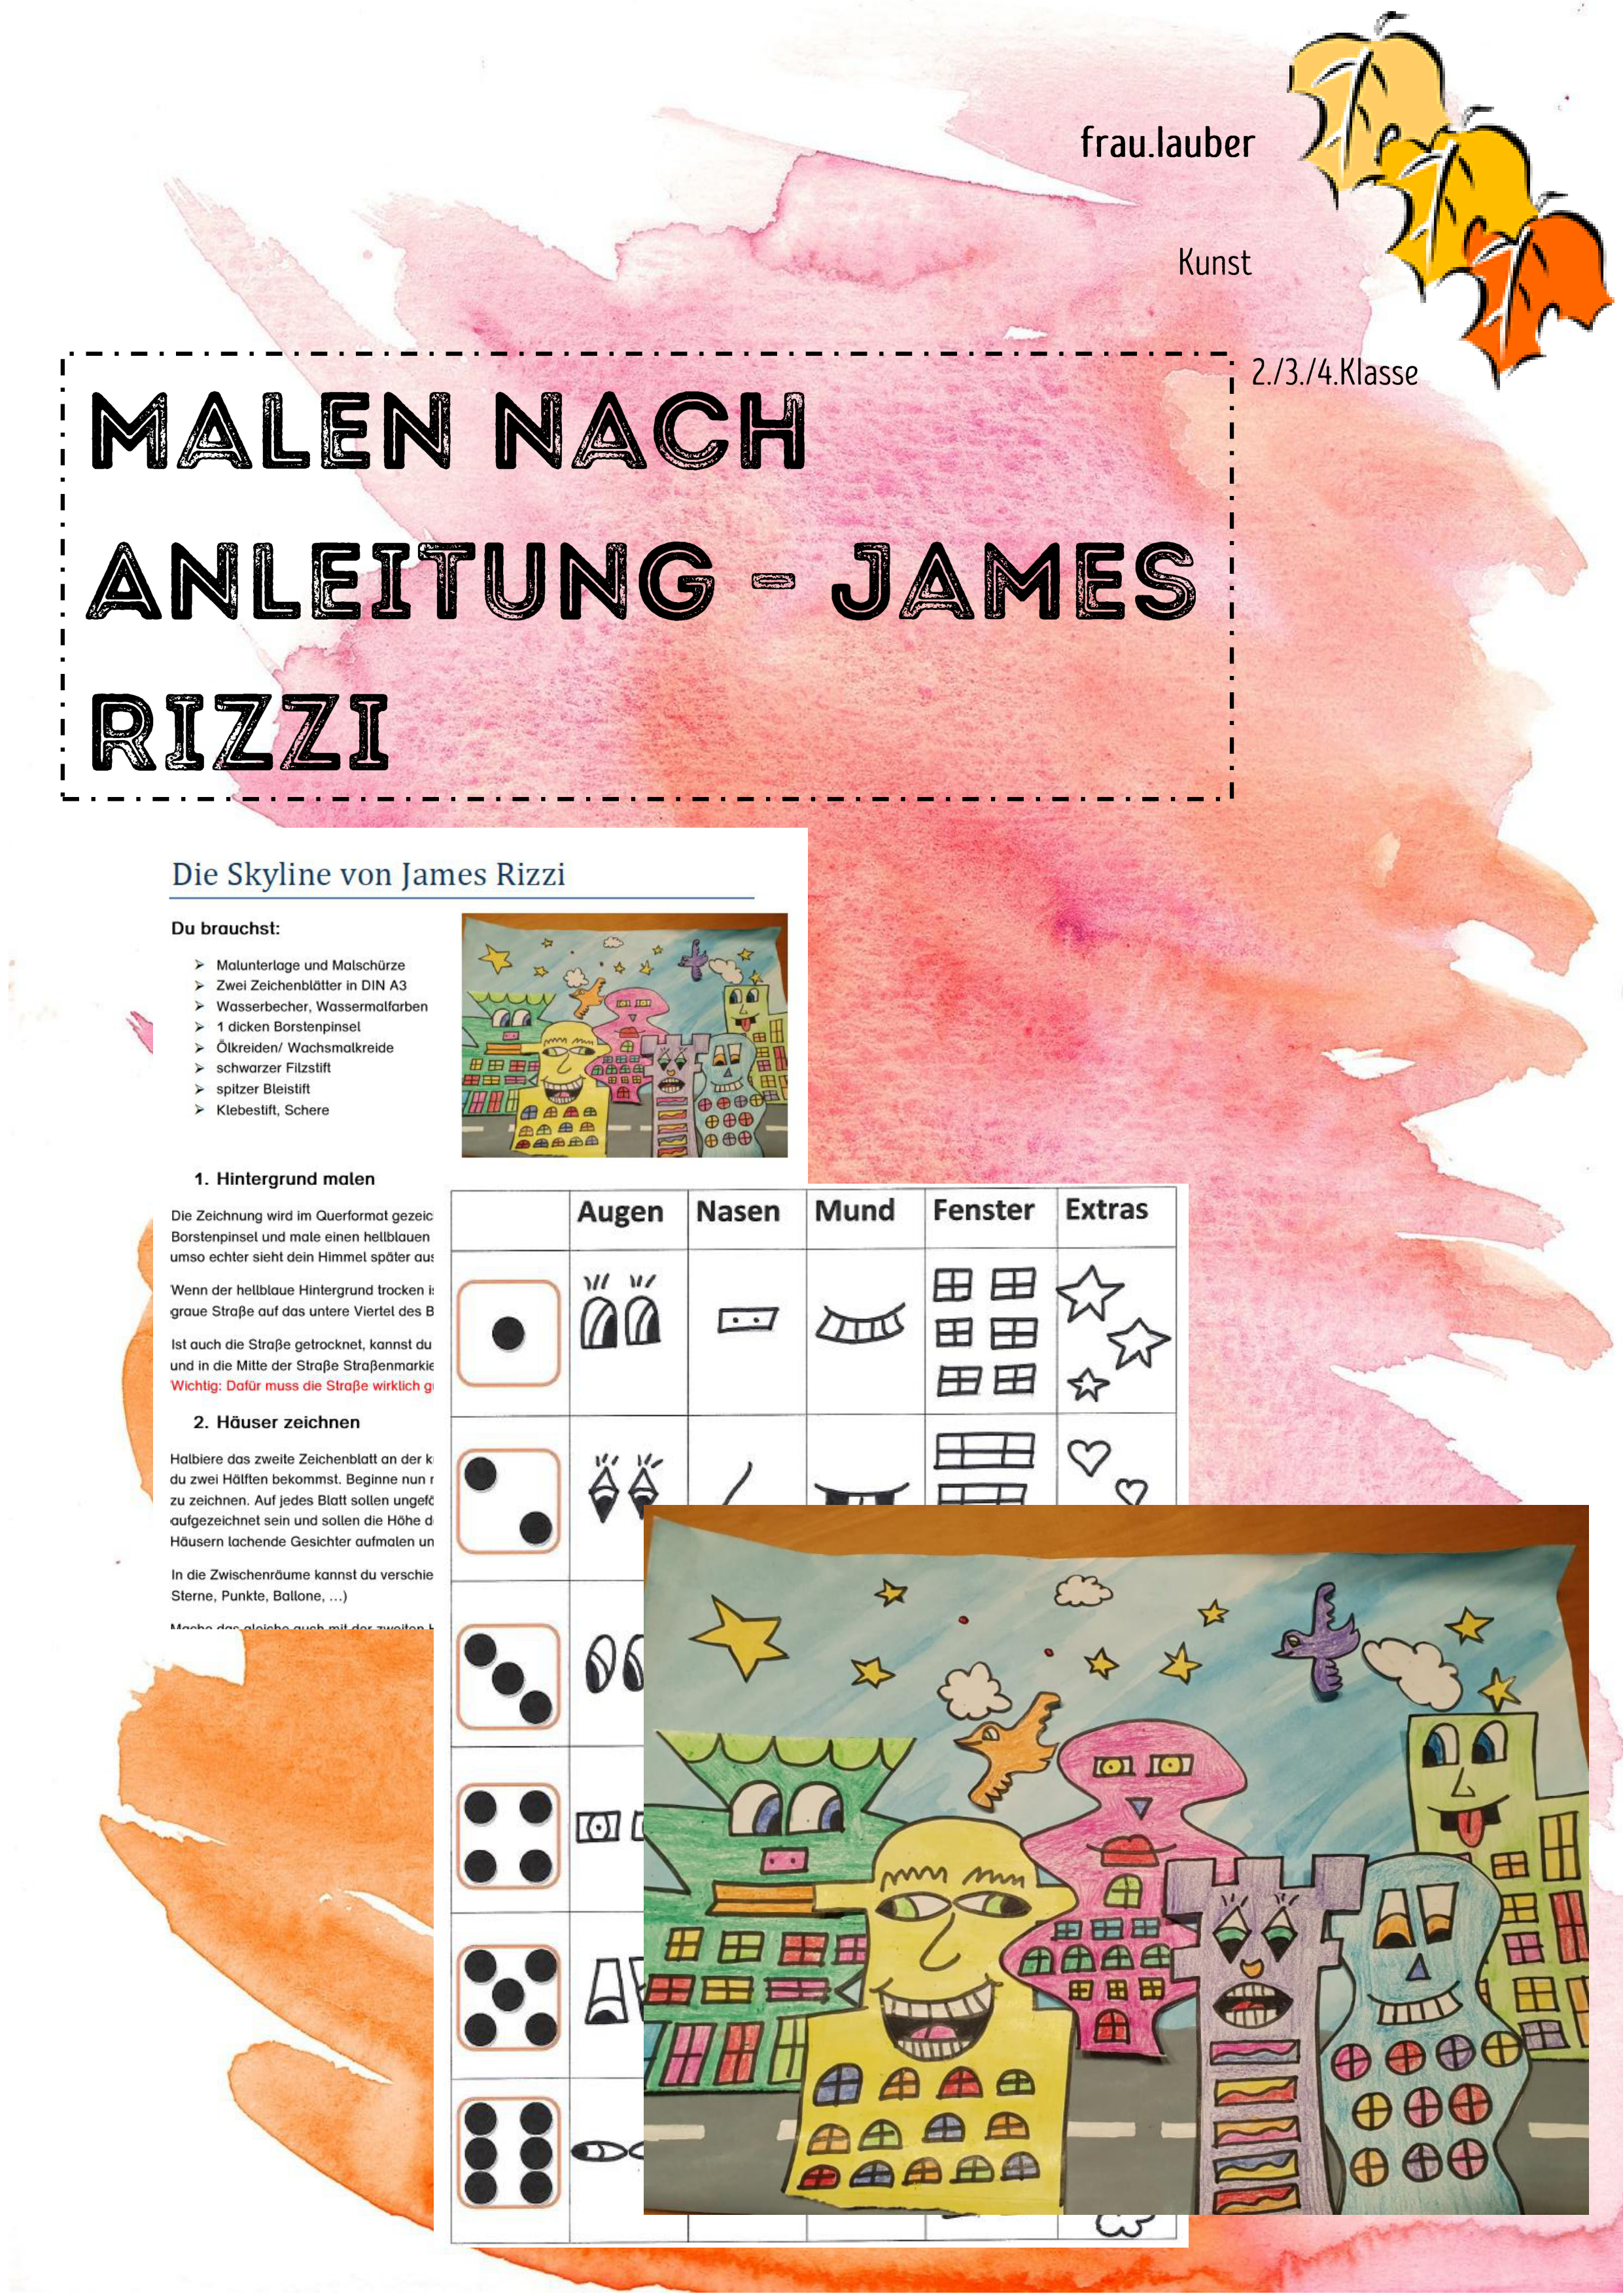 Die Skyline Von James Rizzi Malen Nach Anleitung Unterrichtsmaterial Im Fach Kunst James Rizzi Kunstunterricht Kunstler Grundschule